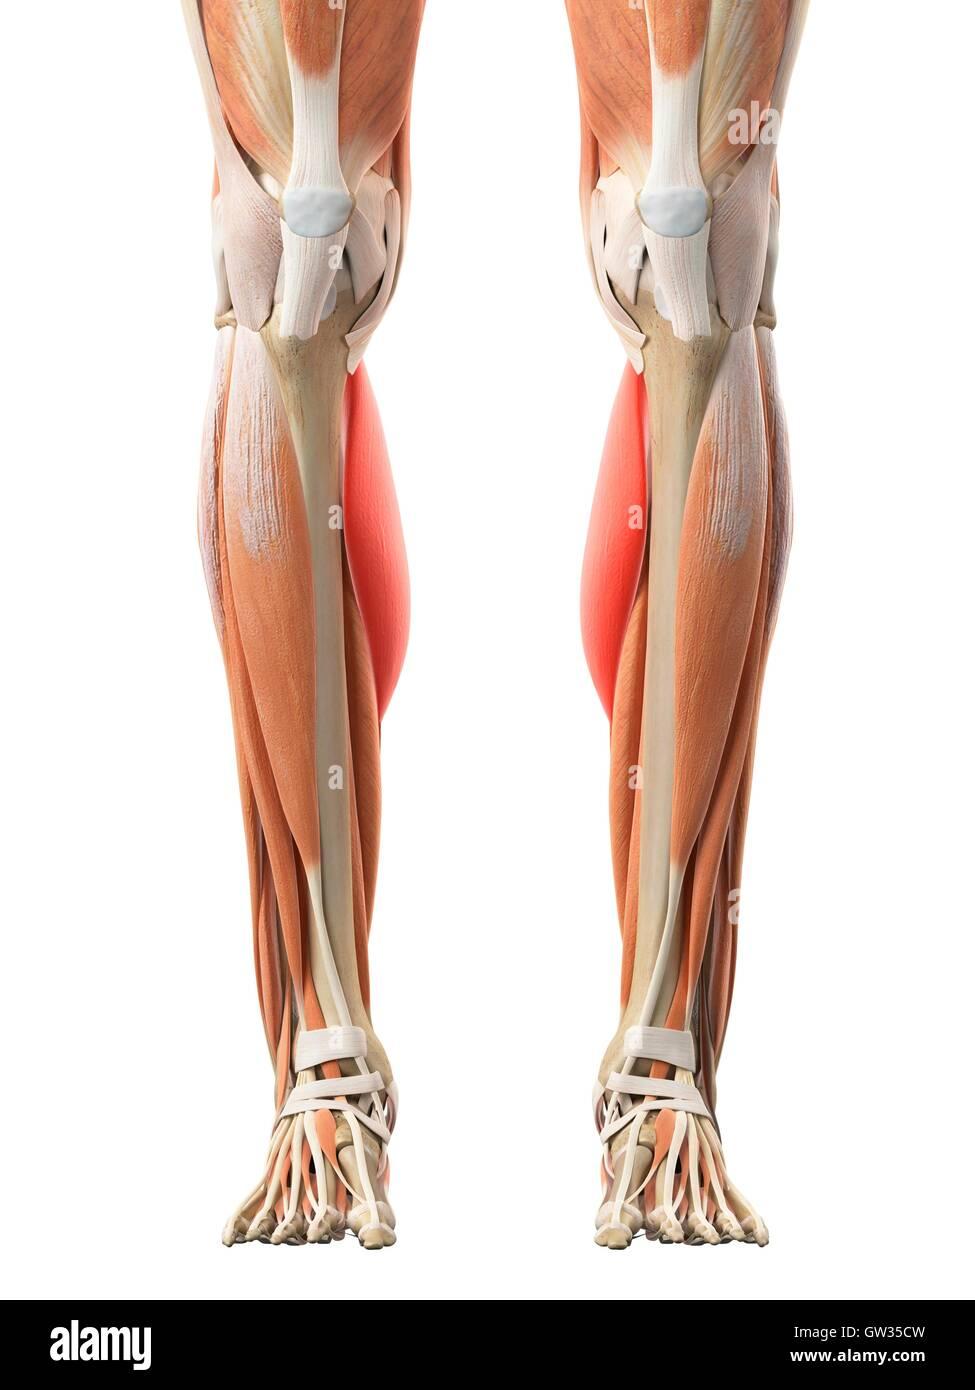 Berühmt Menschliche Beinmuskeln Bilder - Menschliche Anatomie Bilder ...